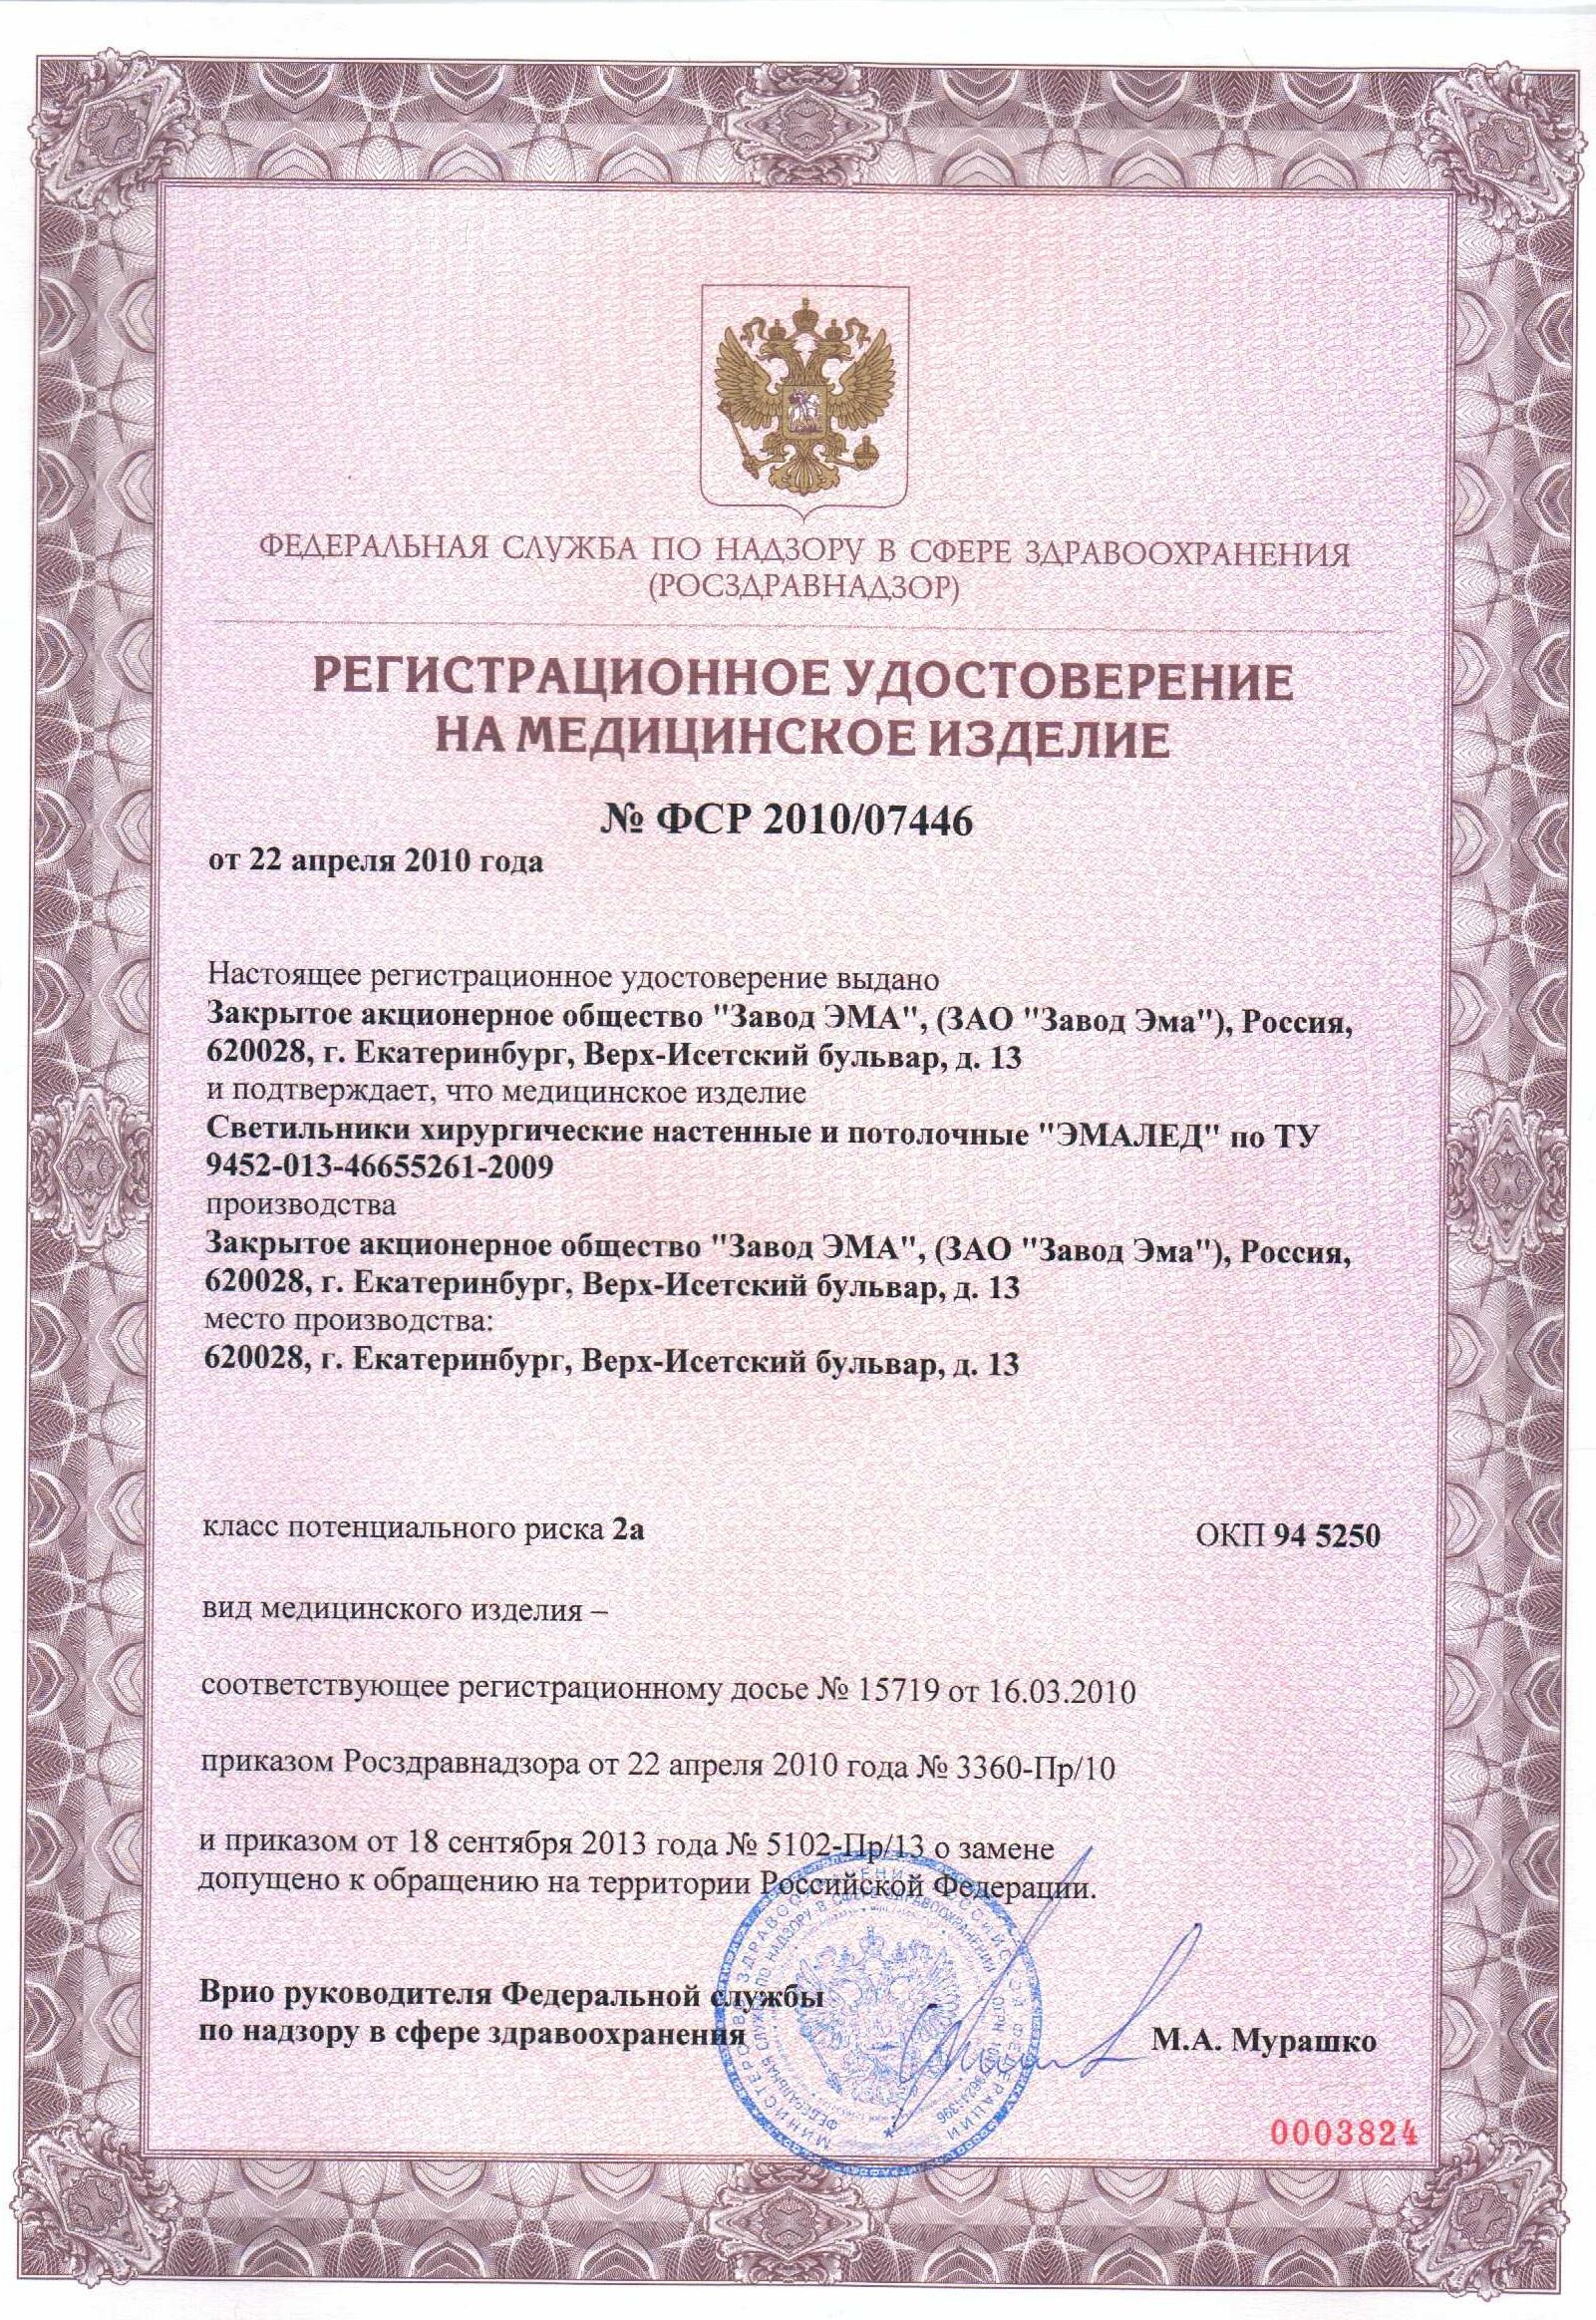 Регистрационное удостоверение на светильники хирургические настенные и потолочные ЭМАЛЕД